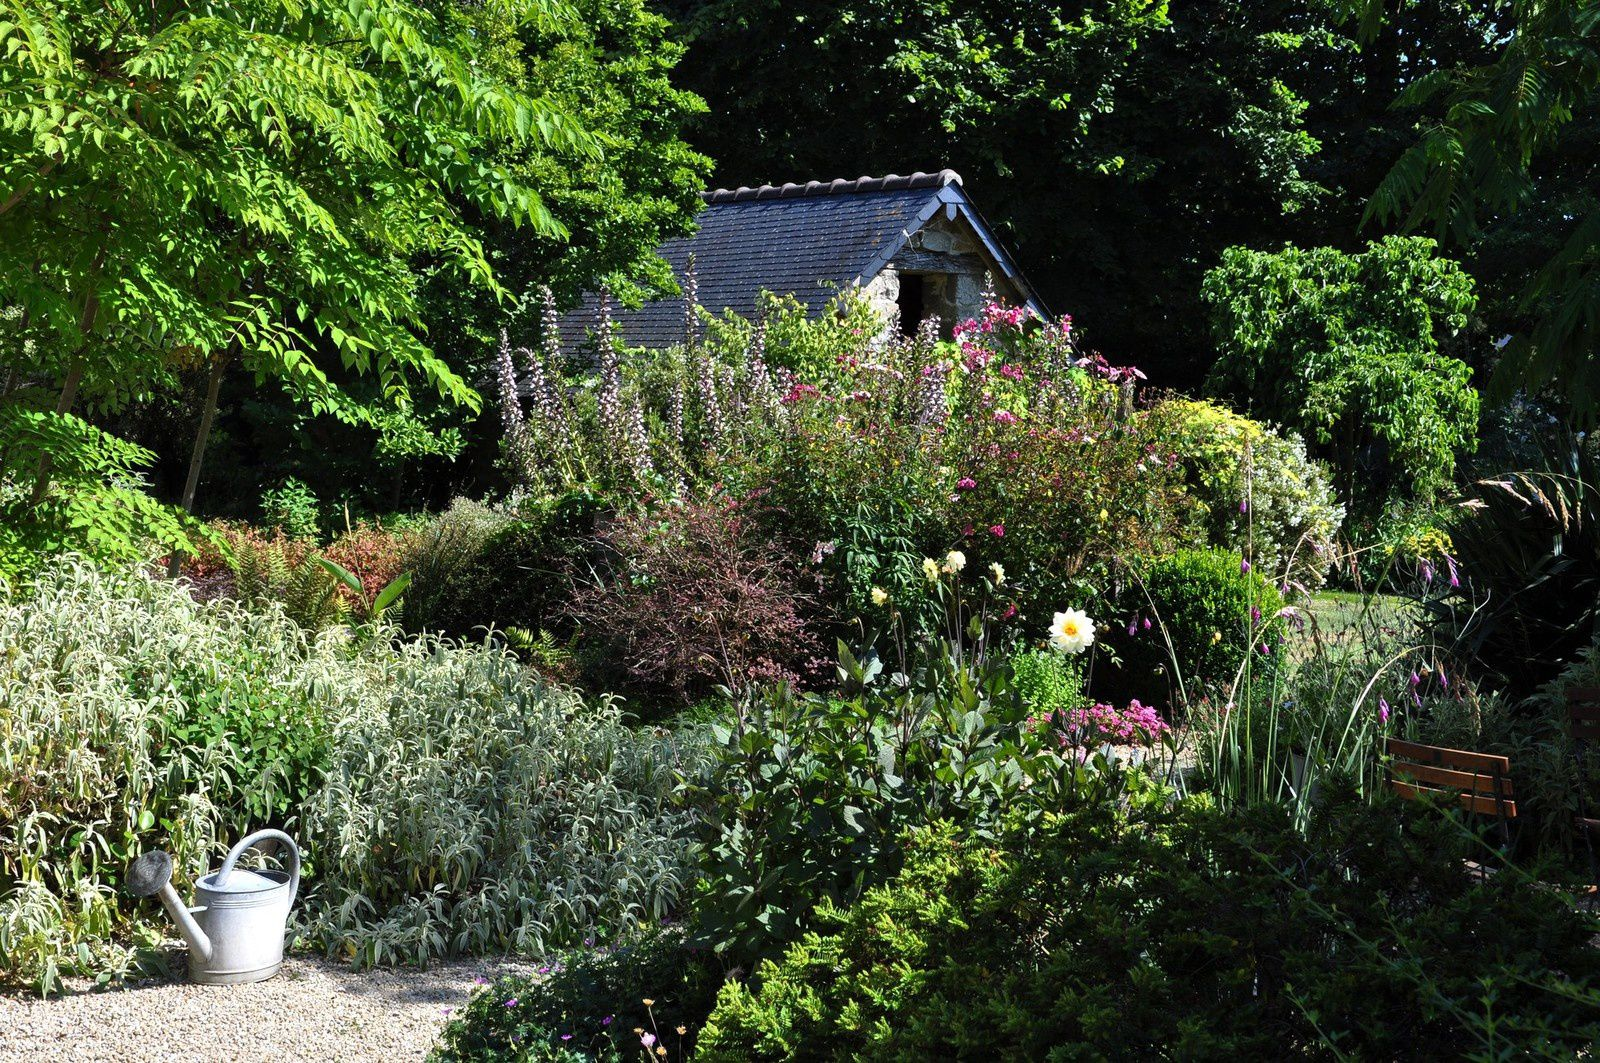 La Maison, un jardin où le talent s'exerce en toute simplicité